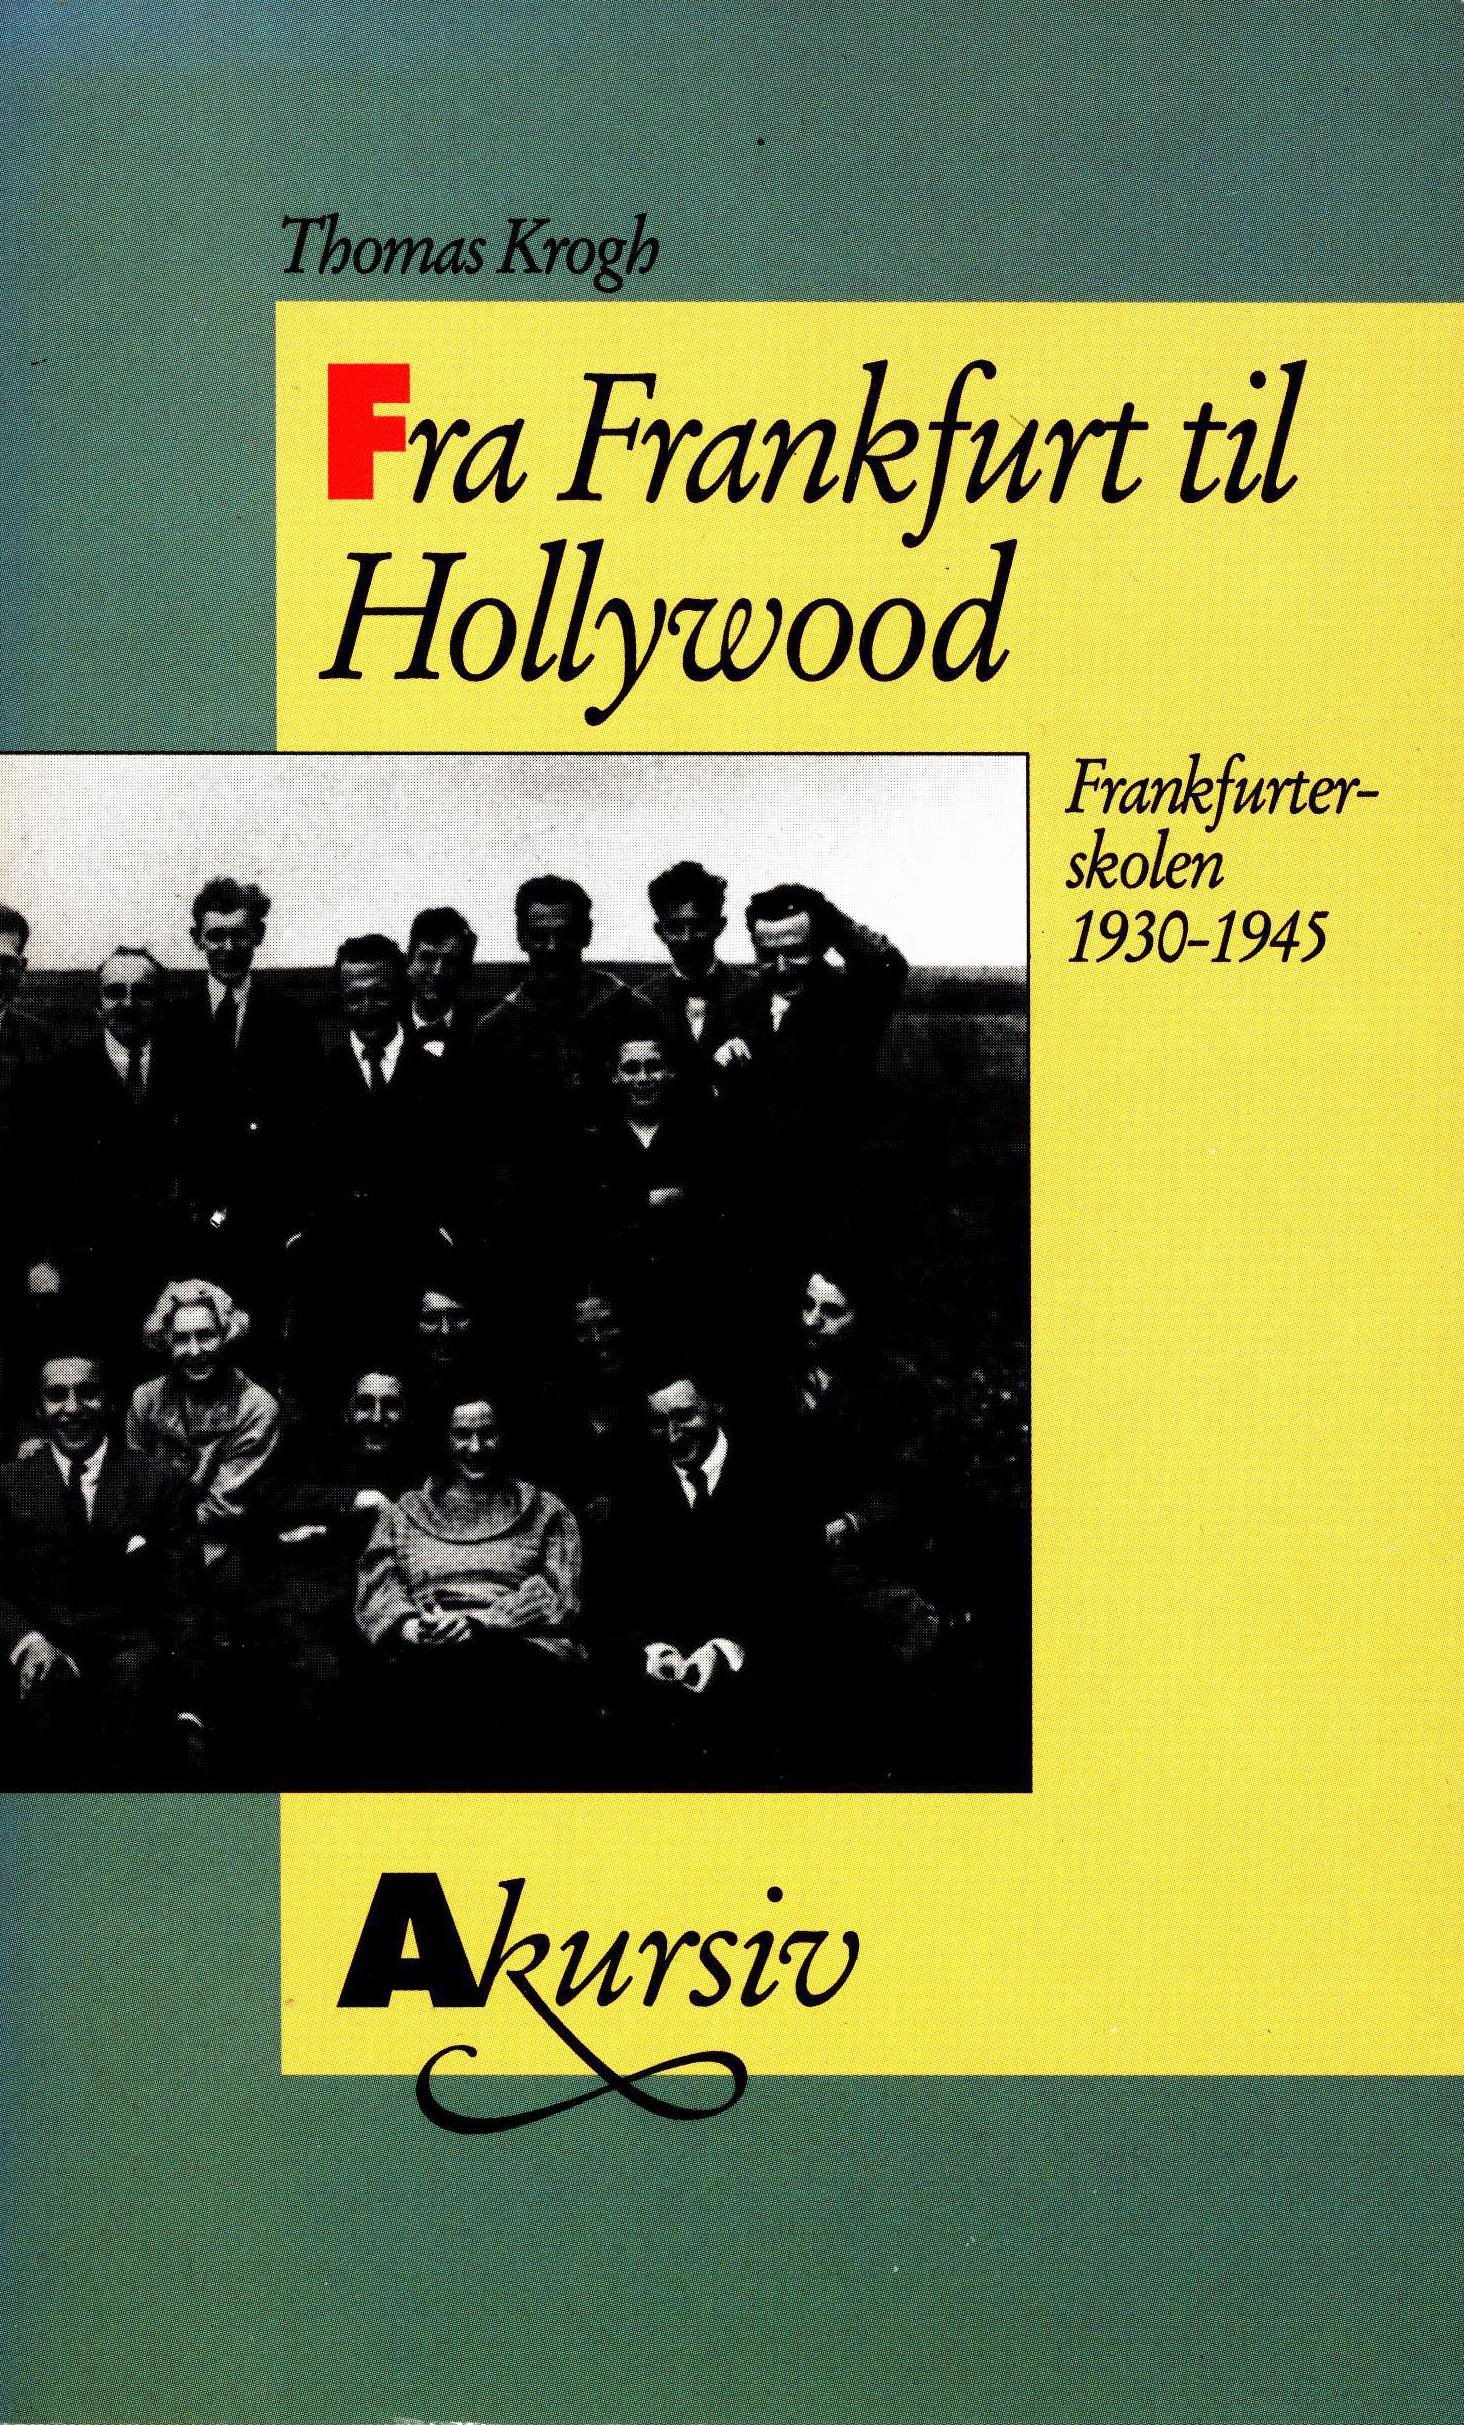 Thomas Krogh: Fra Frankfurt til Hollywood - Frankfurterskolen 1930-1945